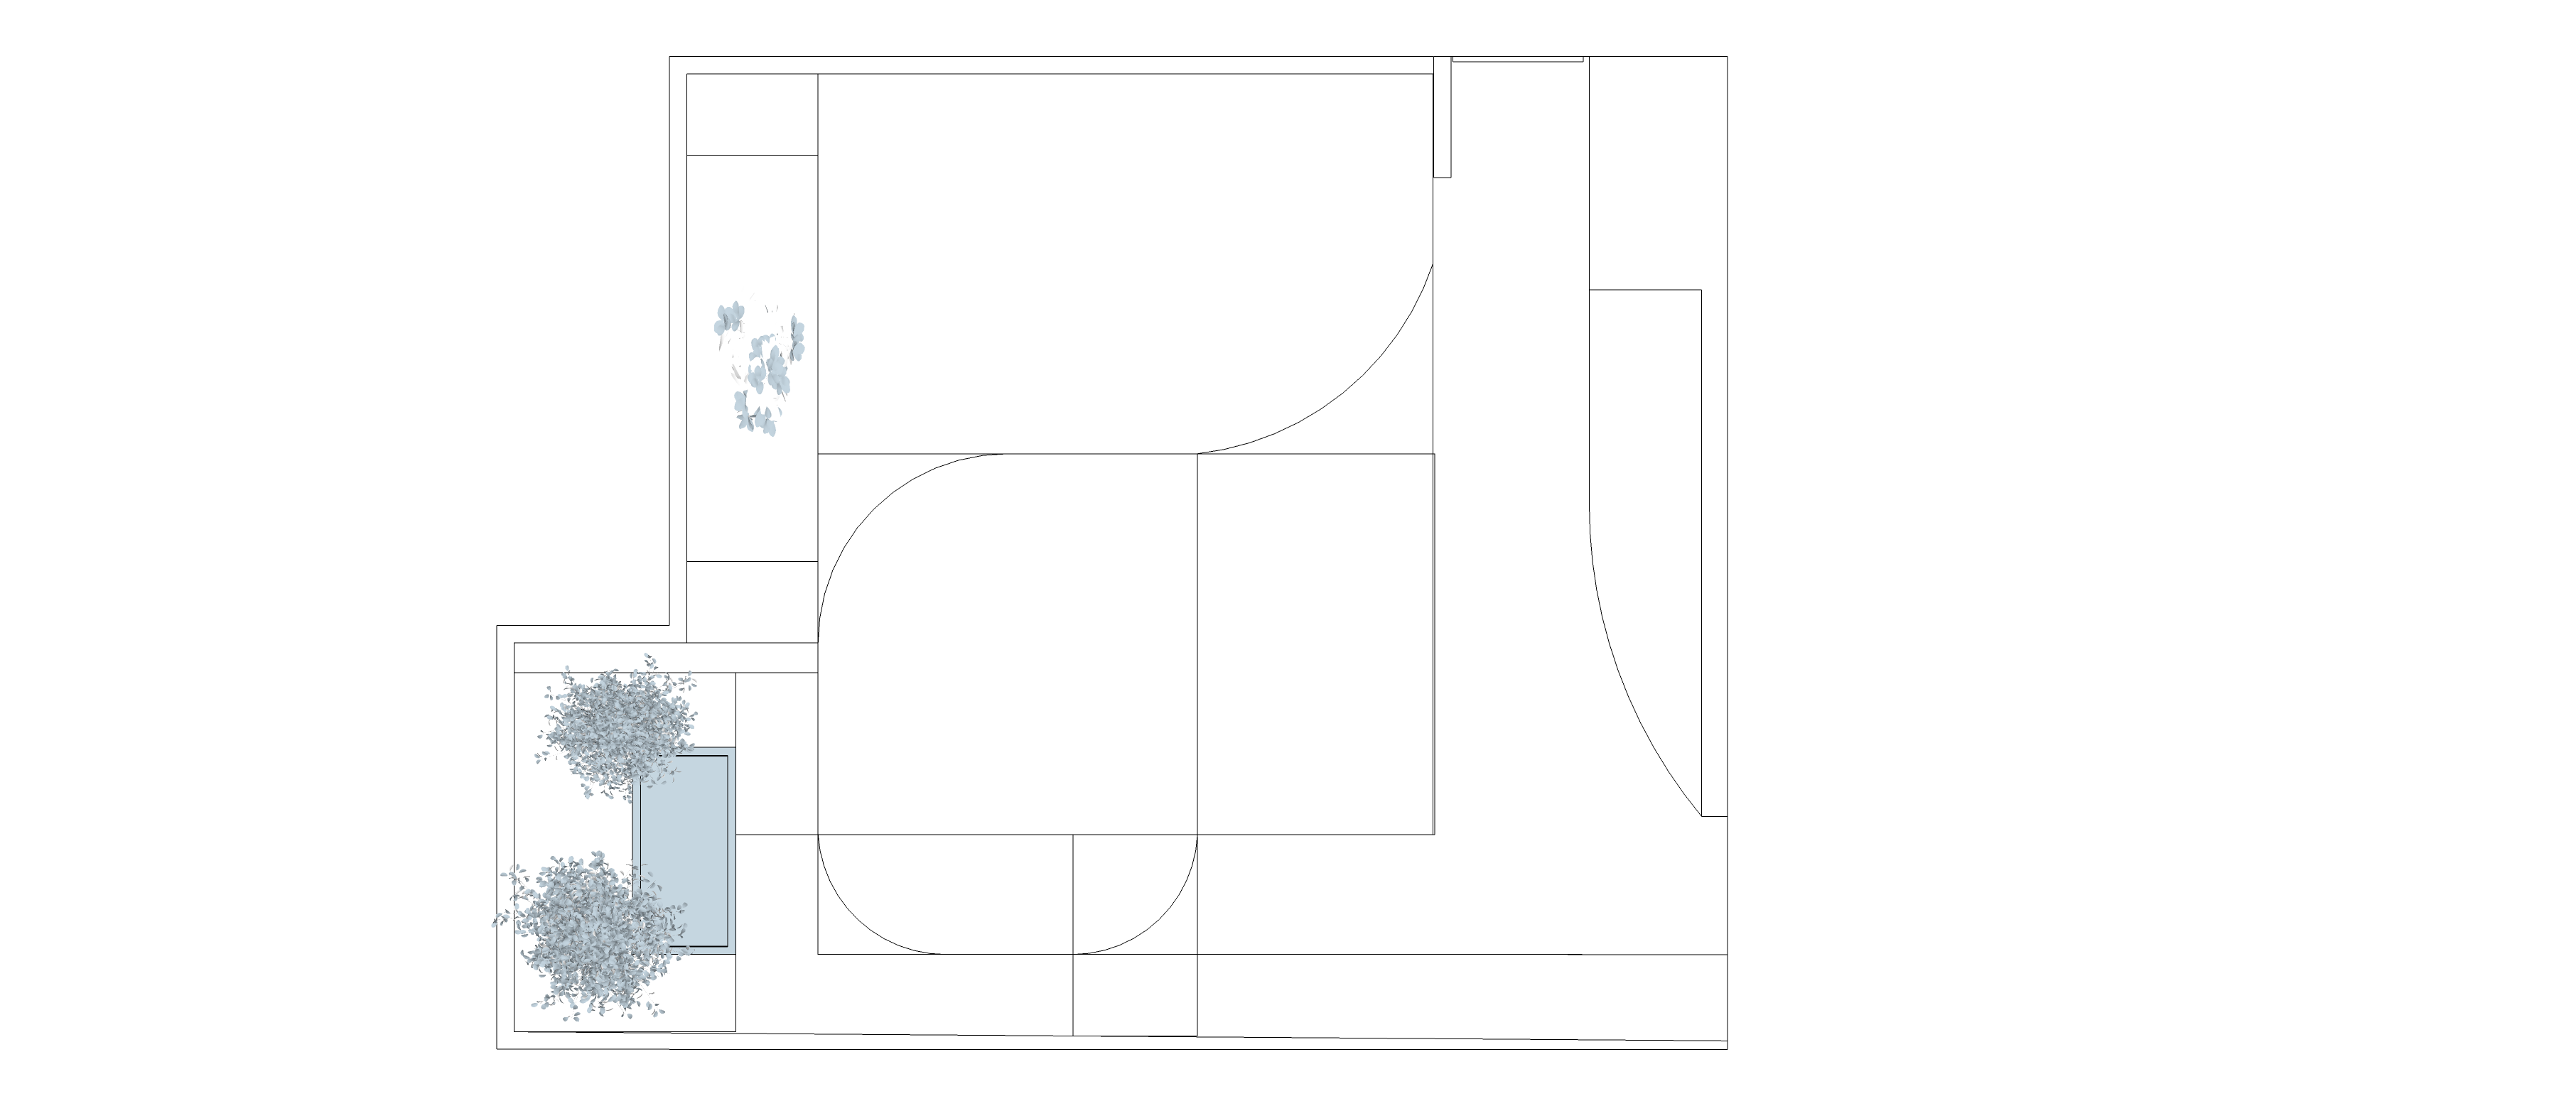 Elvaston Court no.2 Fibonacci Garden Design Draft Revsion 2 mono